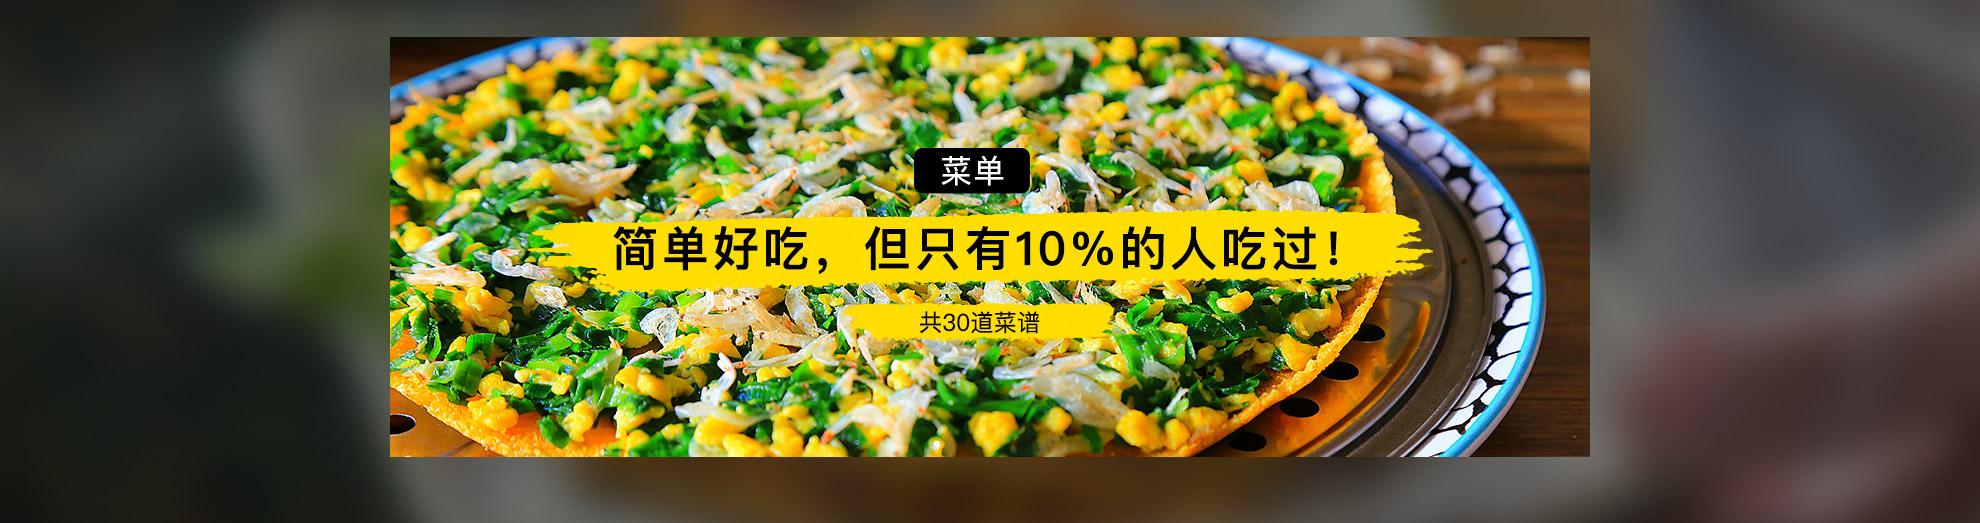 简单好吃,但只有10%的人吃过!}